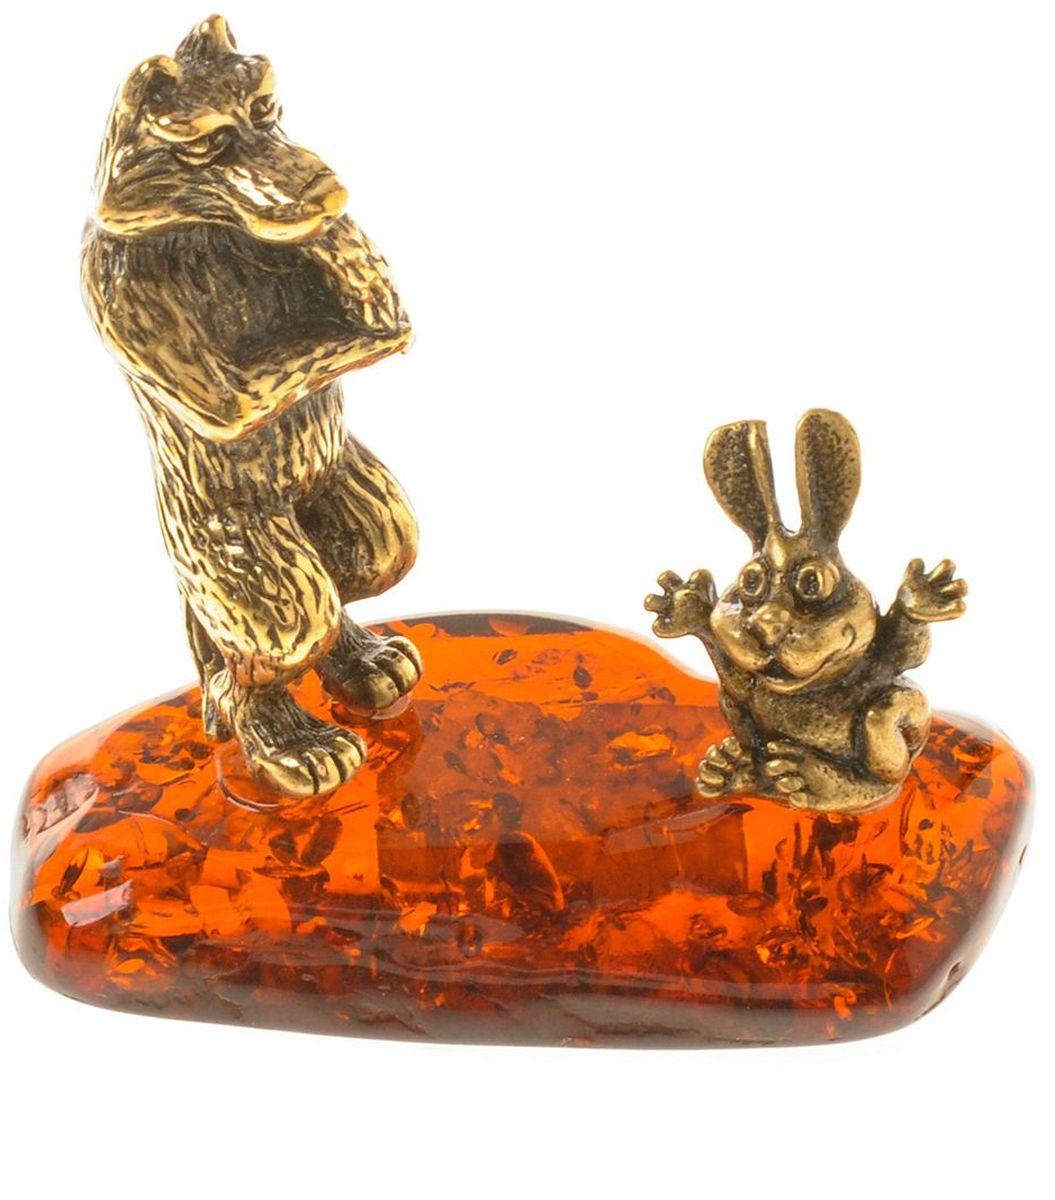 Фигурка декоративная Гифтман Заяц-Волк, материал: латунь, искусственный янтарь. Ручная работа. 5332453324Фигурка на янтаре.